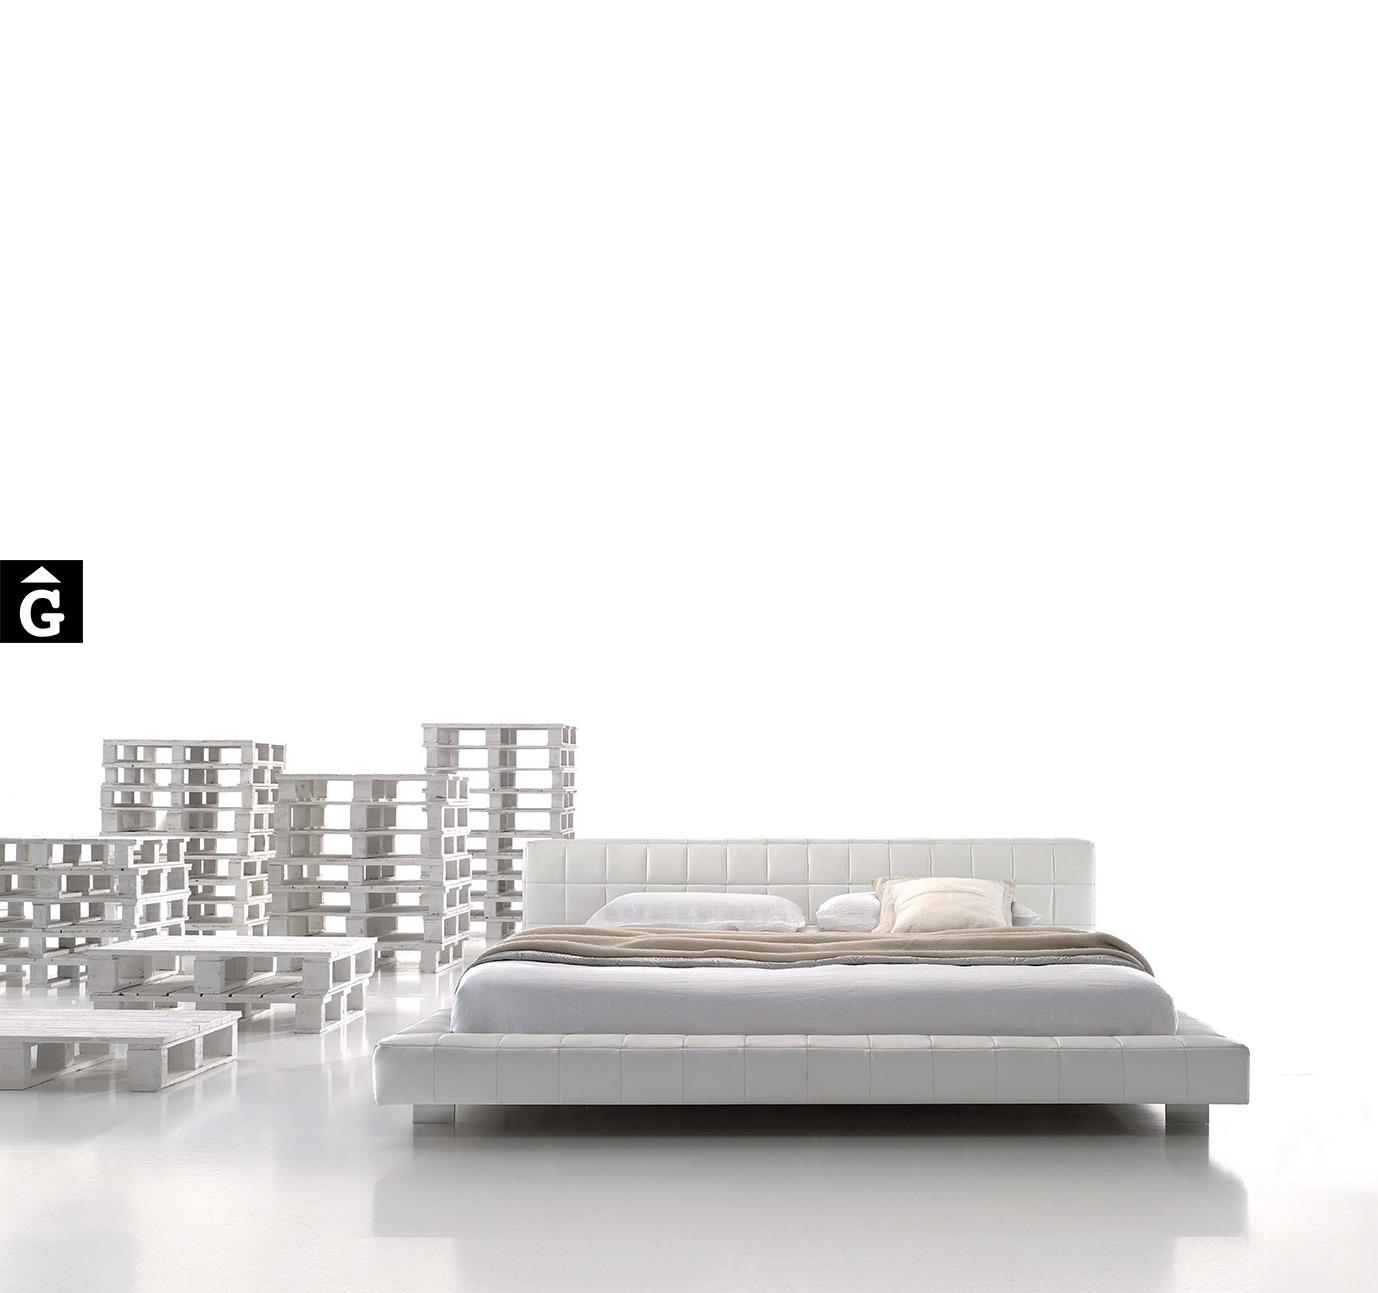 Llit entapissat blanc Wood MORADILLO BY MOBLES GIFREU BEDS LLIT TAPISSAT RECTA PETIT CAPITONÉ GIRONA